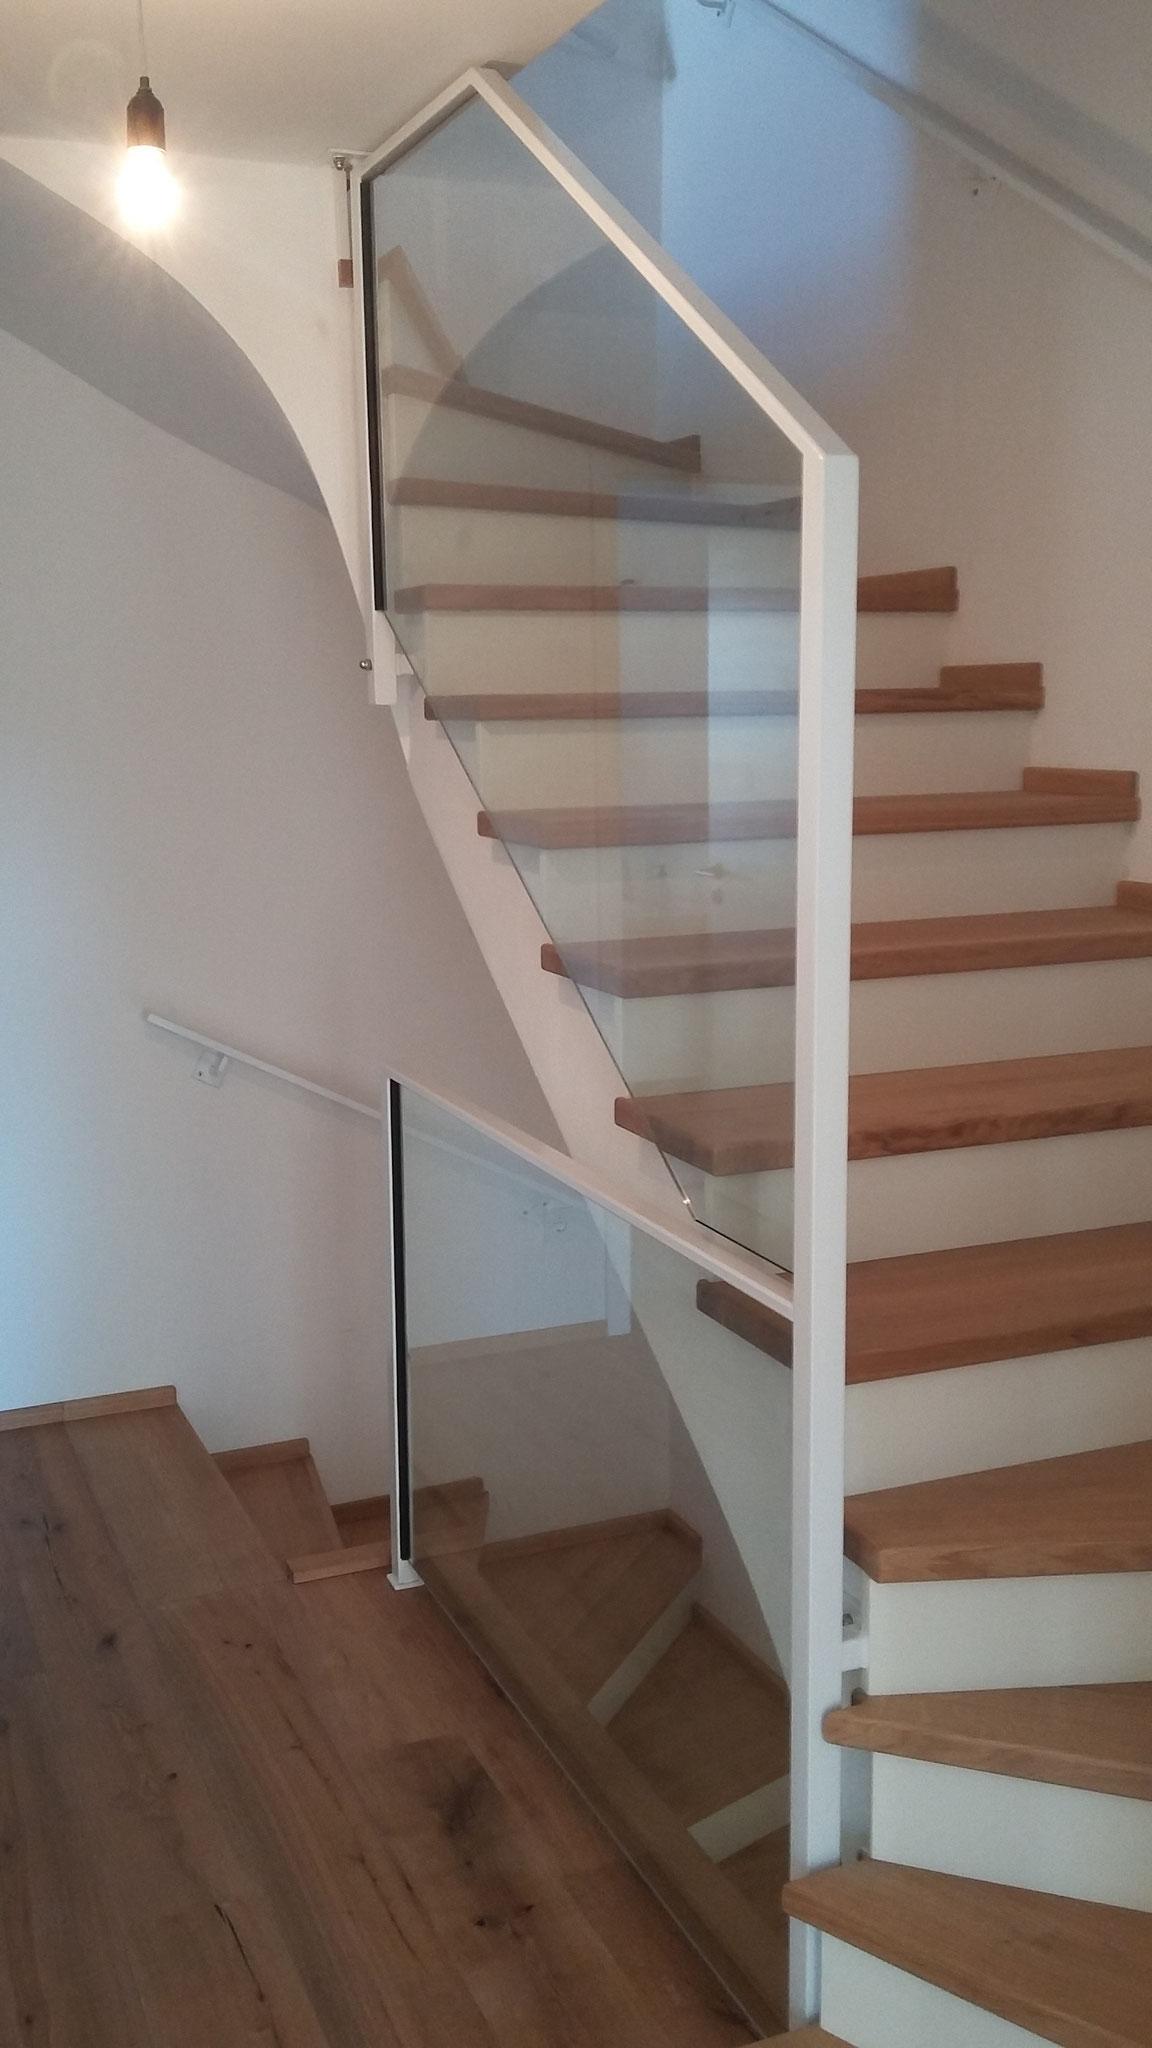 filigranes Treppengeländer mit Glasfüllung für beengte Treppenläufe